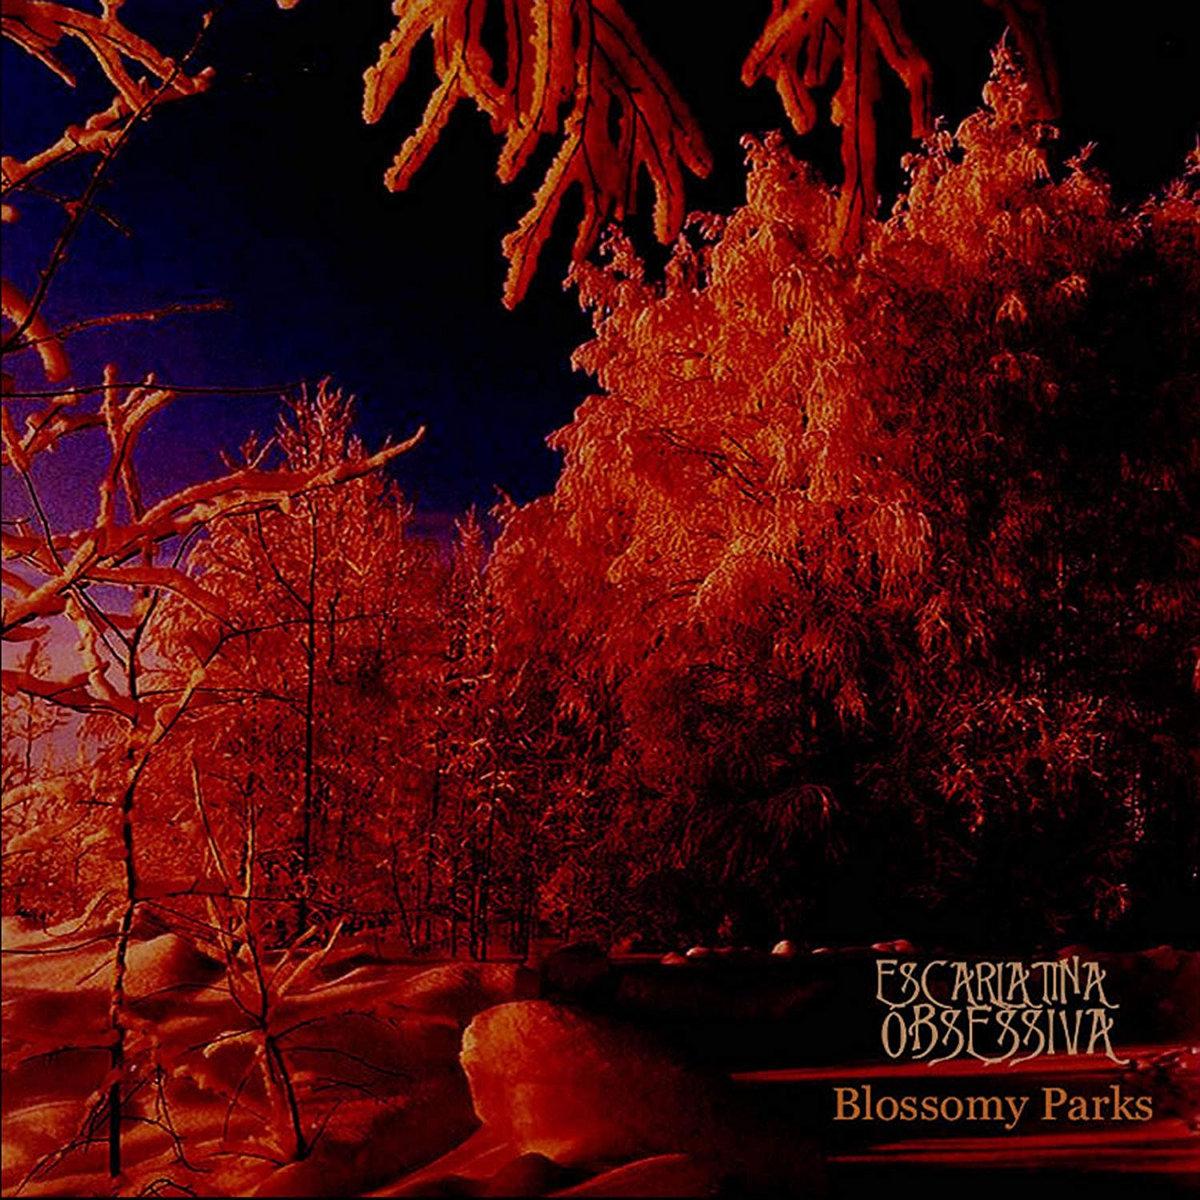 escarlatina obsessiva blossomy parks